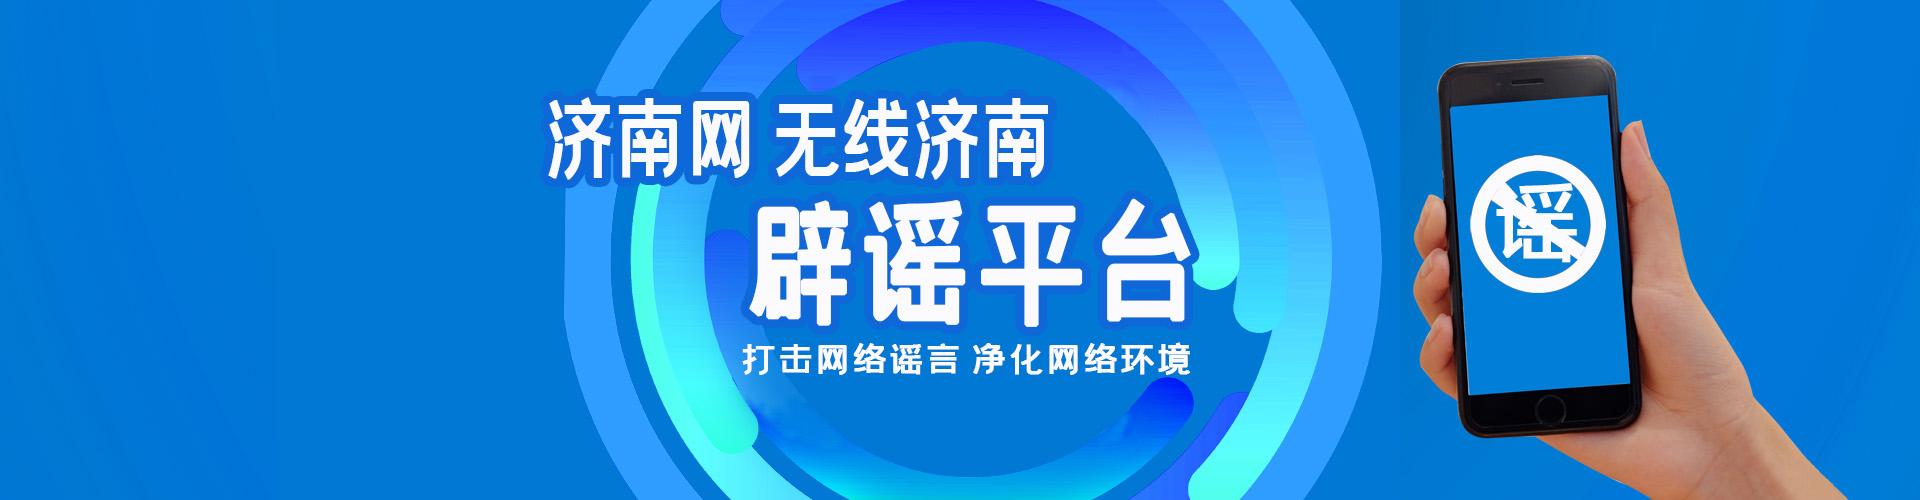 济南网辟谣平台